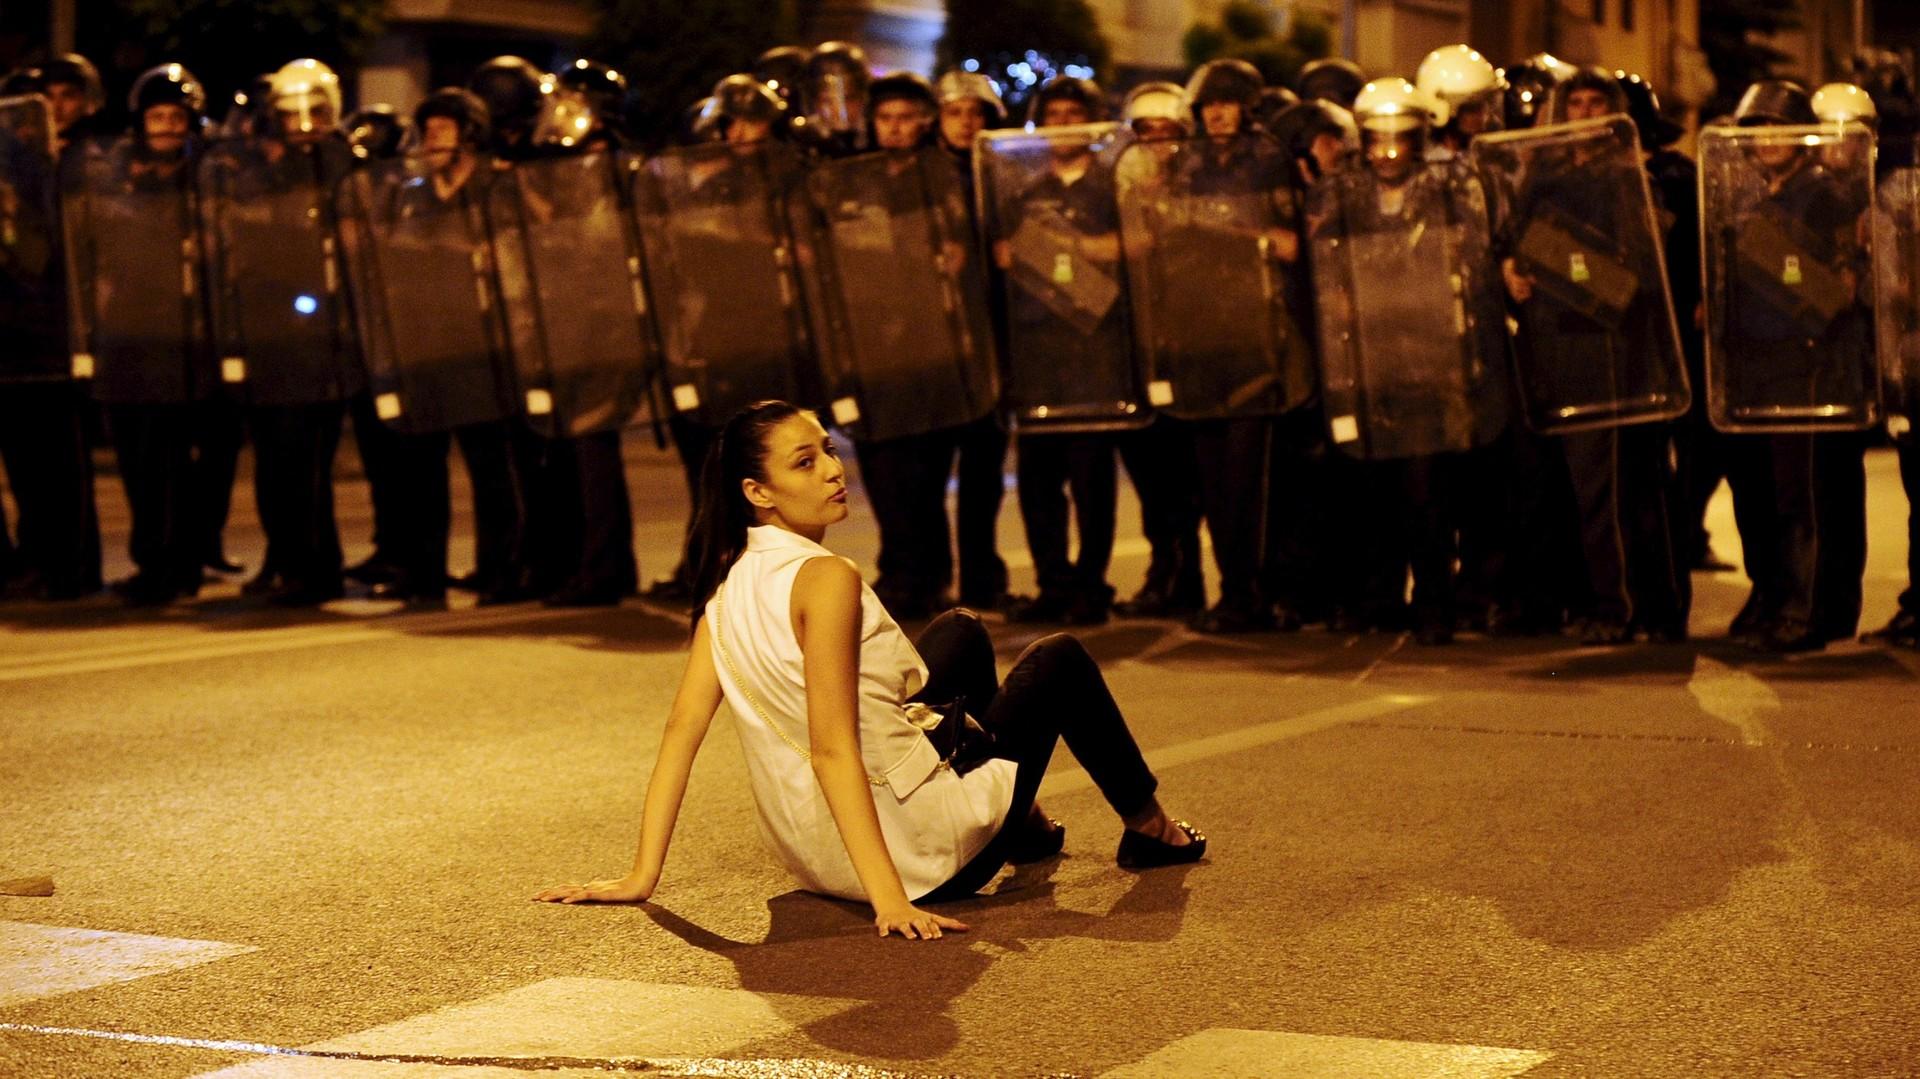 Près de 40 blessés en Macédoine dans une manifestation contre le Gouvernement